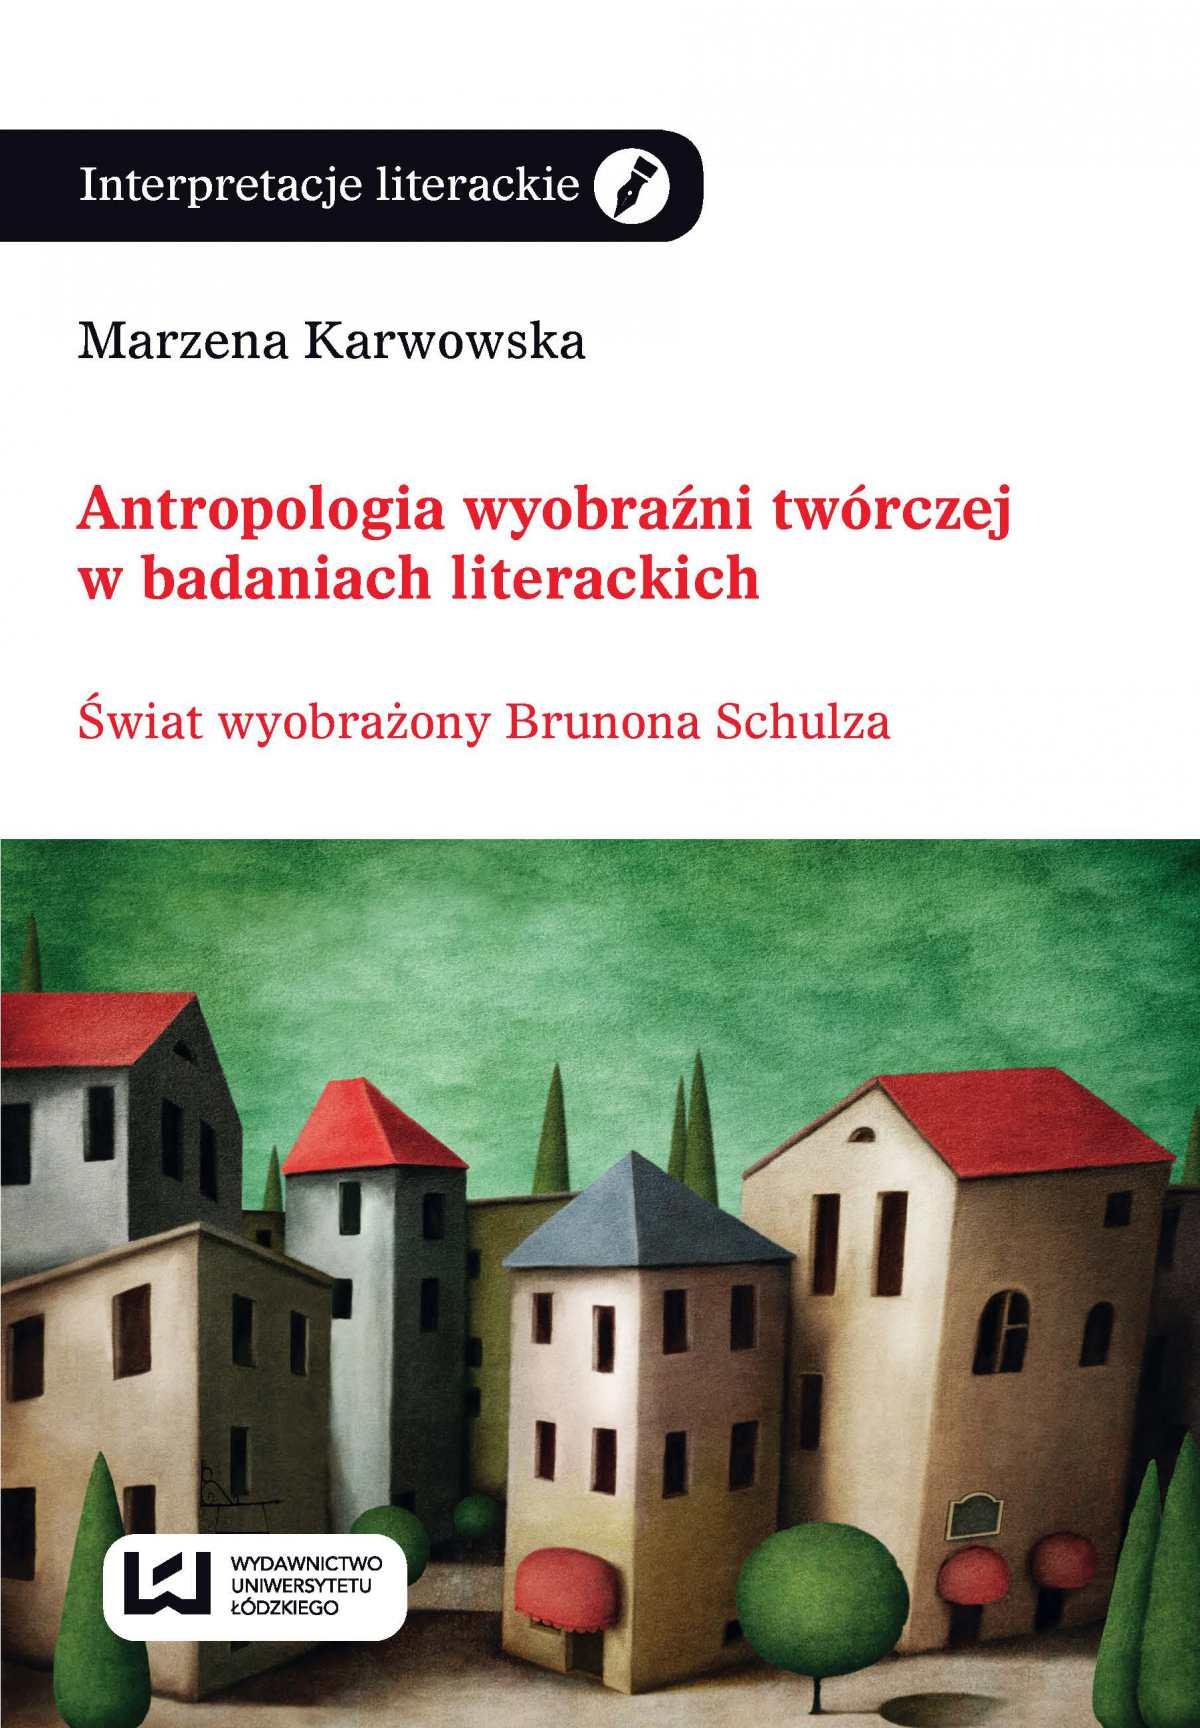 Antropologia wyobraźni twórczej w badaniach literackich. Świat wyobraźni Brunona Schulza - Ebook (Książka EPUB) do pobrania w formacie EPUB